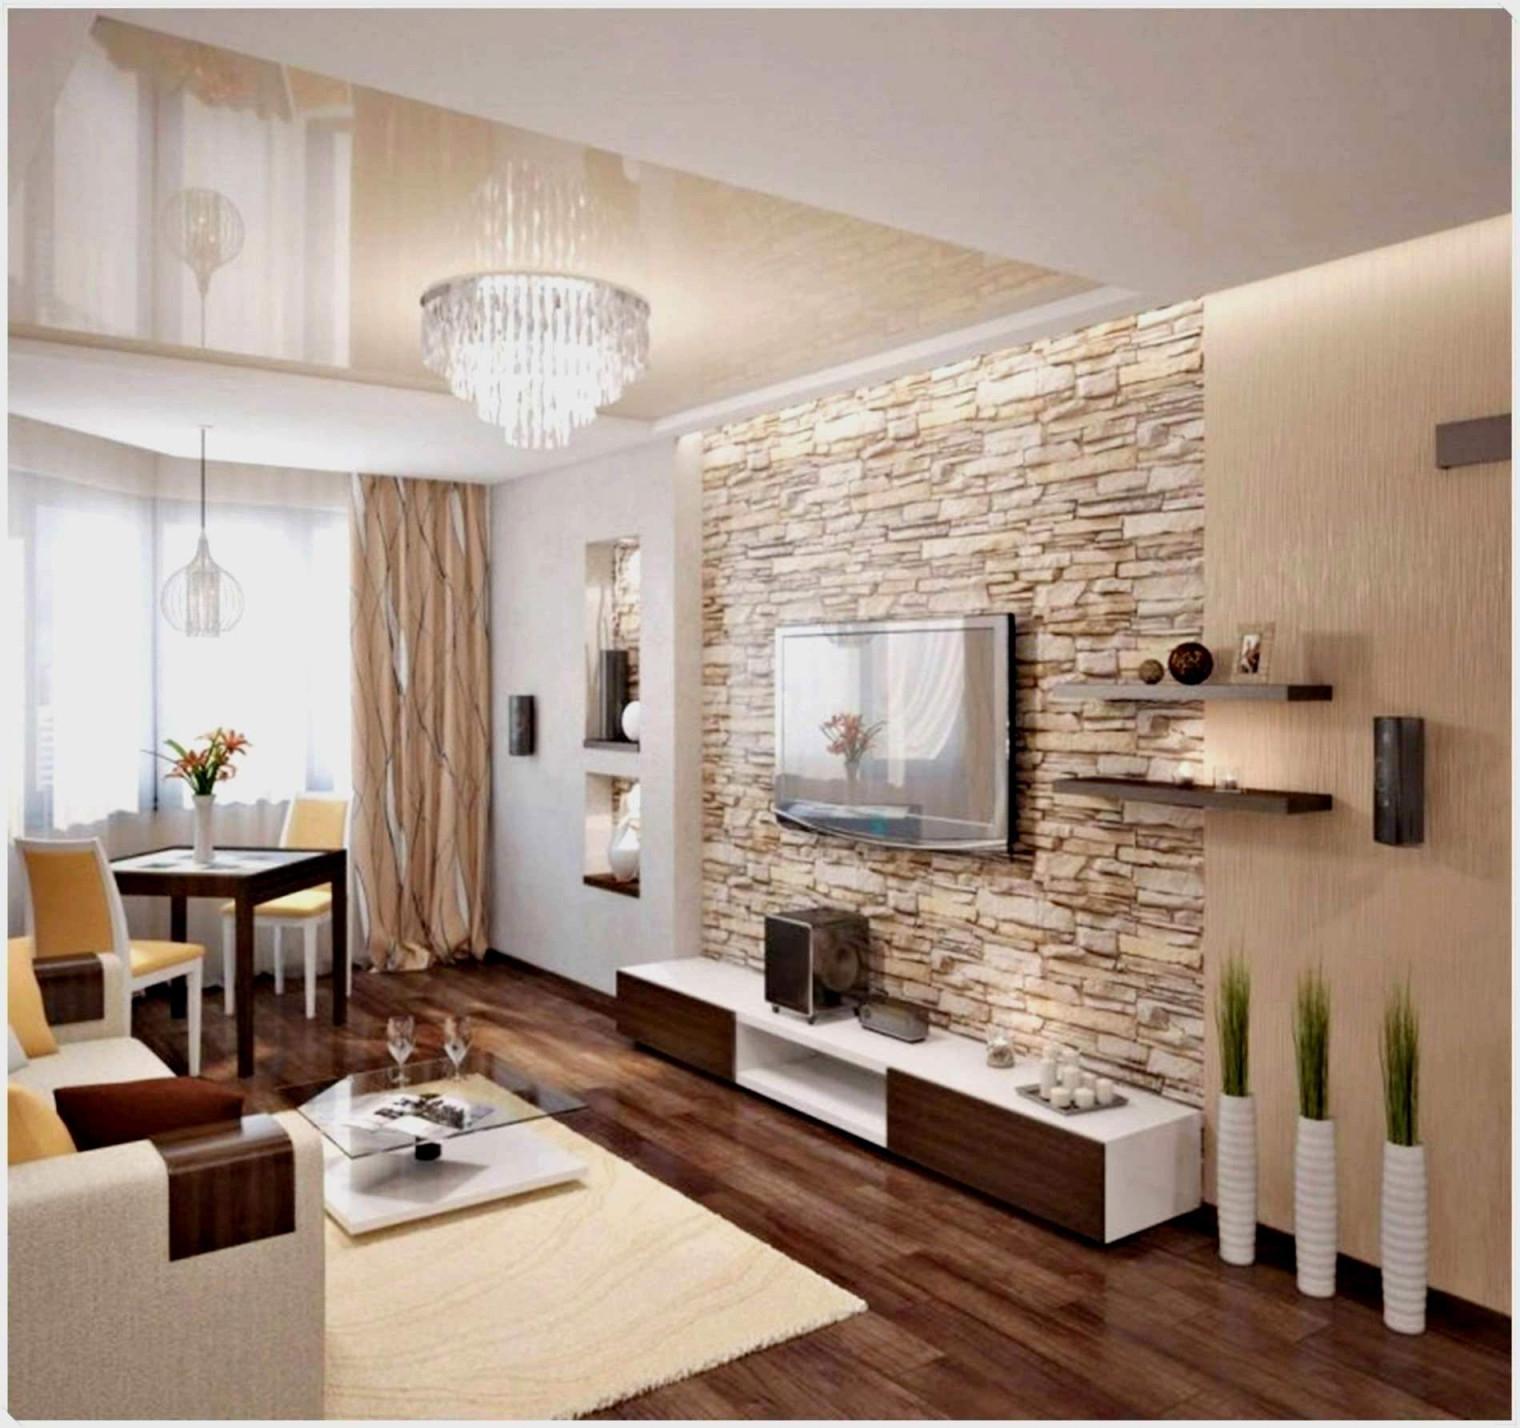 Moderne Deko Wohnzimmer Neu Elegant Dekoartikel Wohnzimmer von Deko Möbel Wohnzimmer Bild